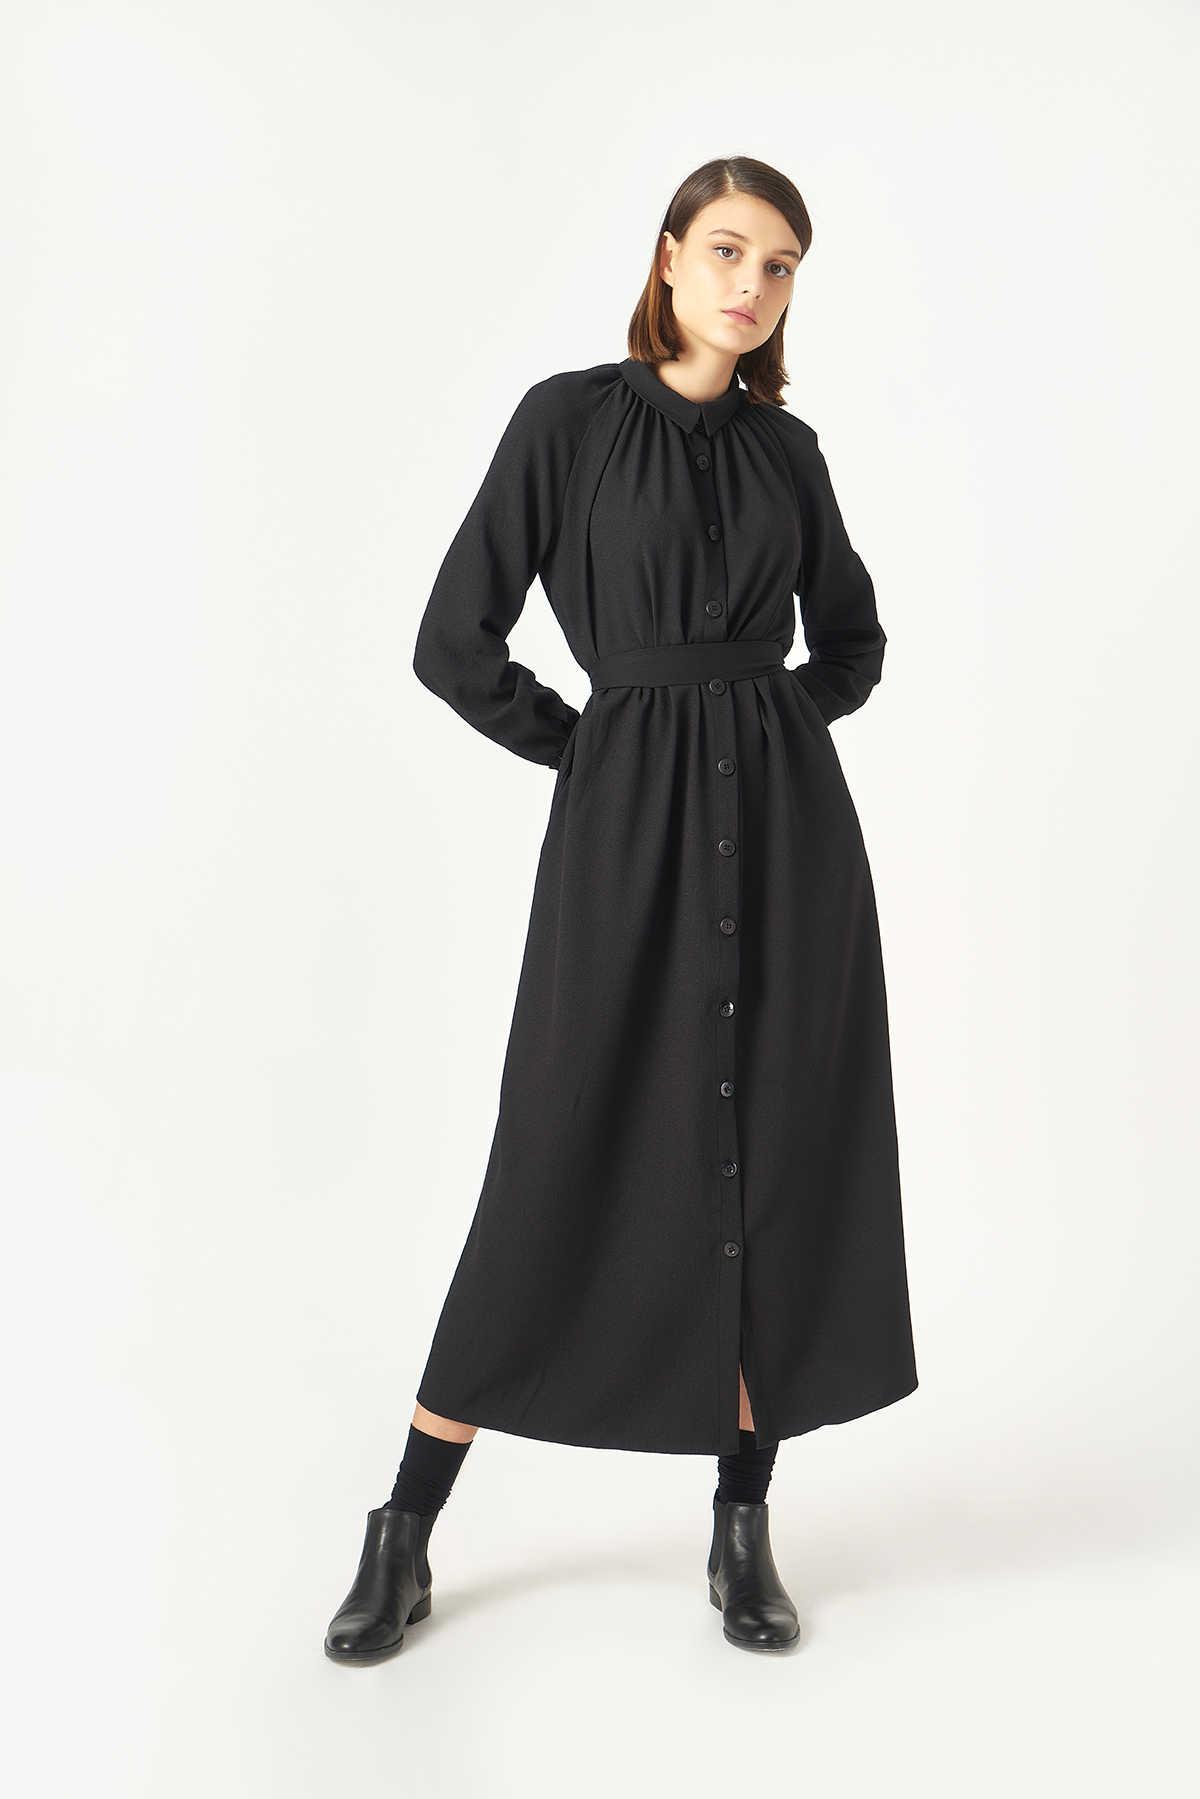 Kuaybe Gider Siyah Elbise 2100